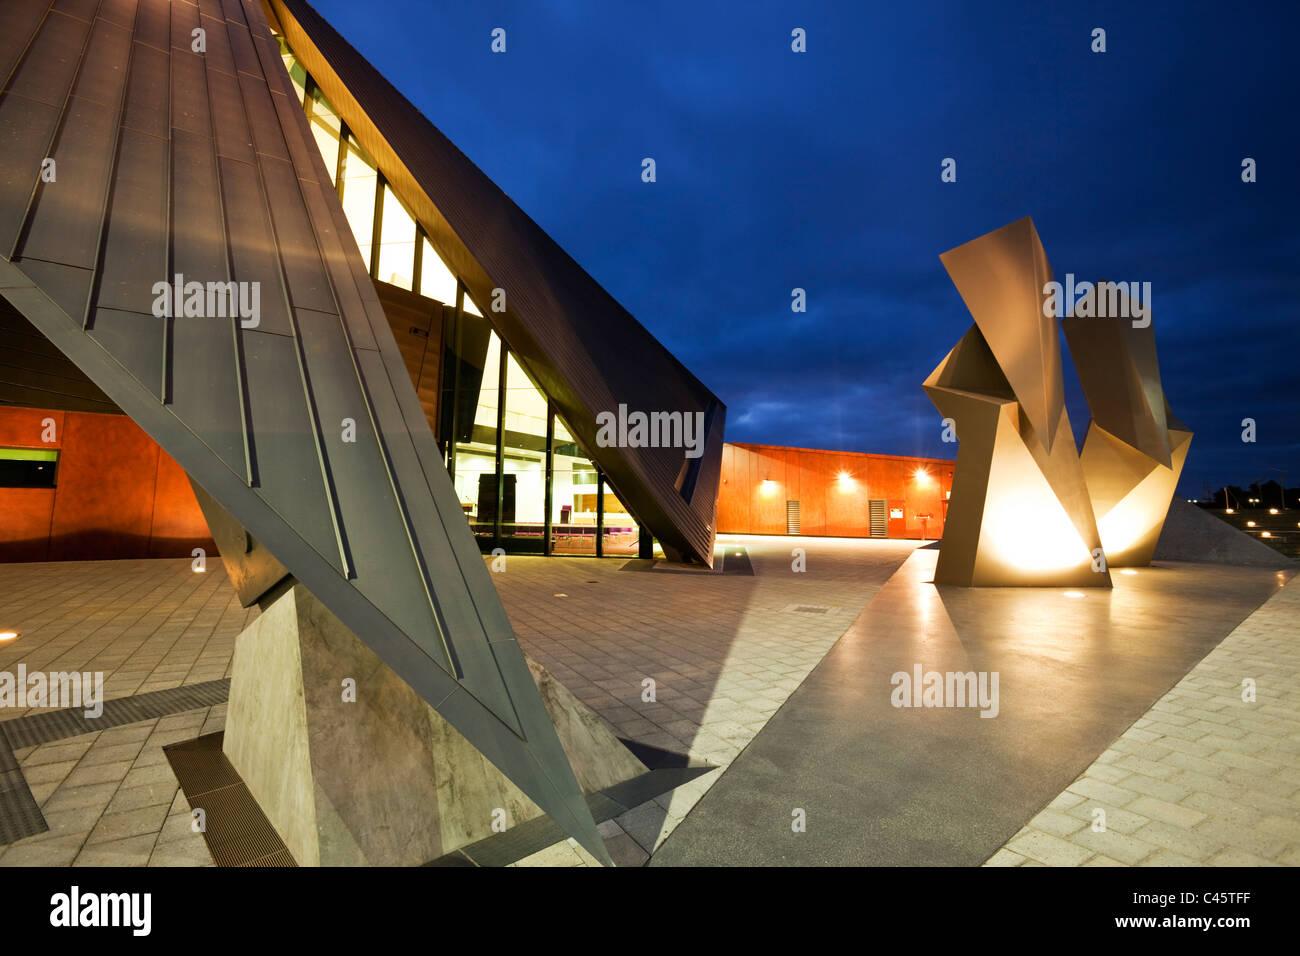 El centro de entretenimiento de Albany. Albany, en Australia Occidental, Australia Imagen De Stock